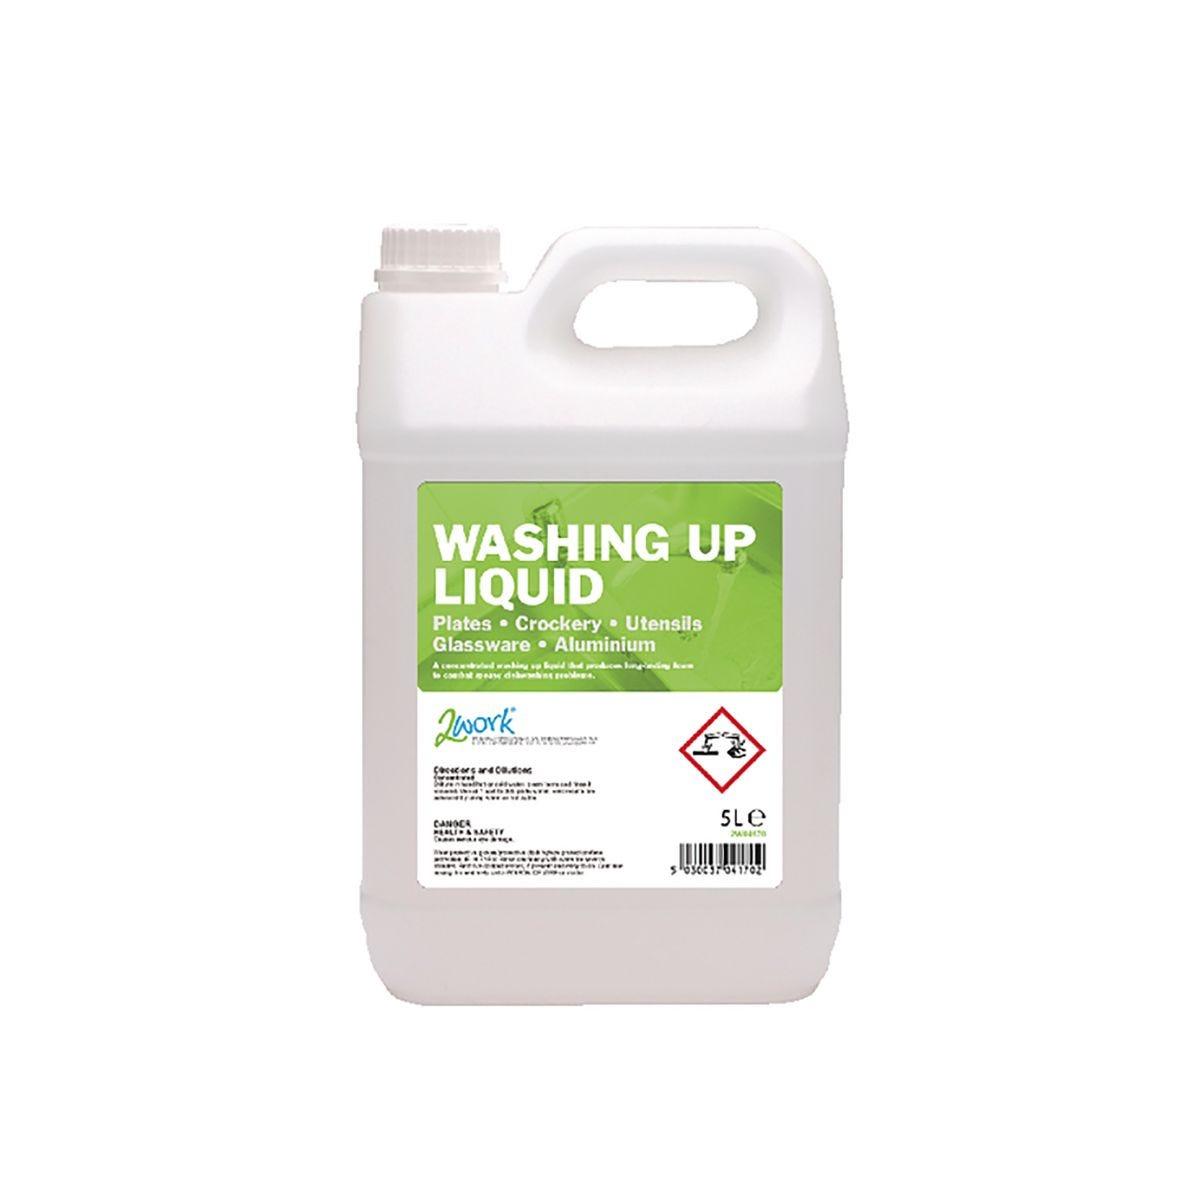 Image of 2Work Economy Washing Up Liquid 5 Litre